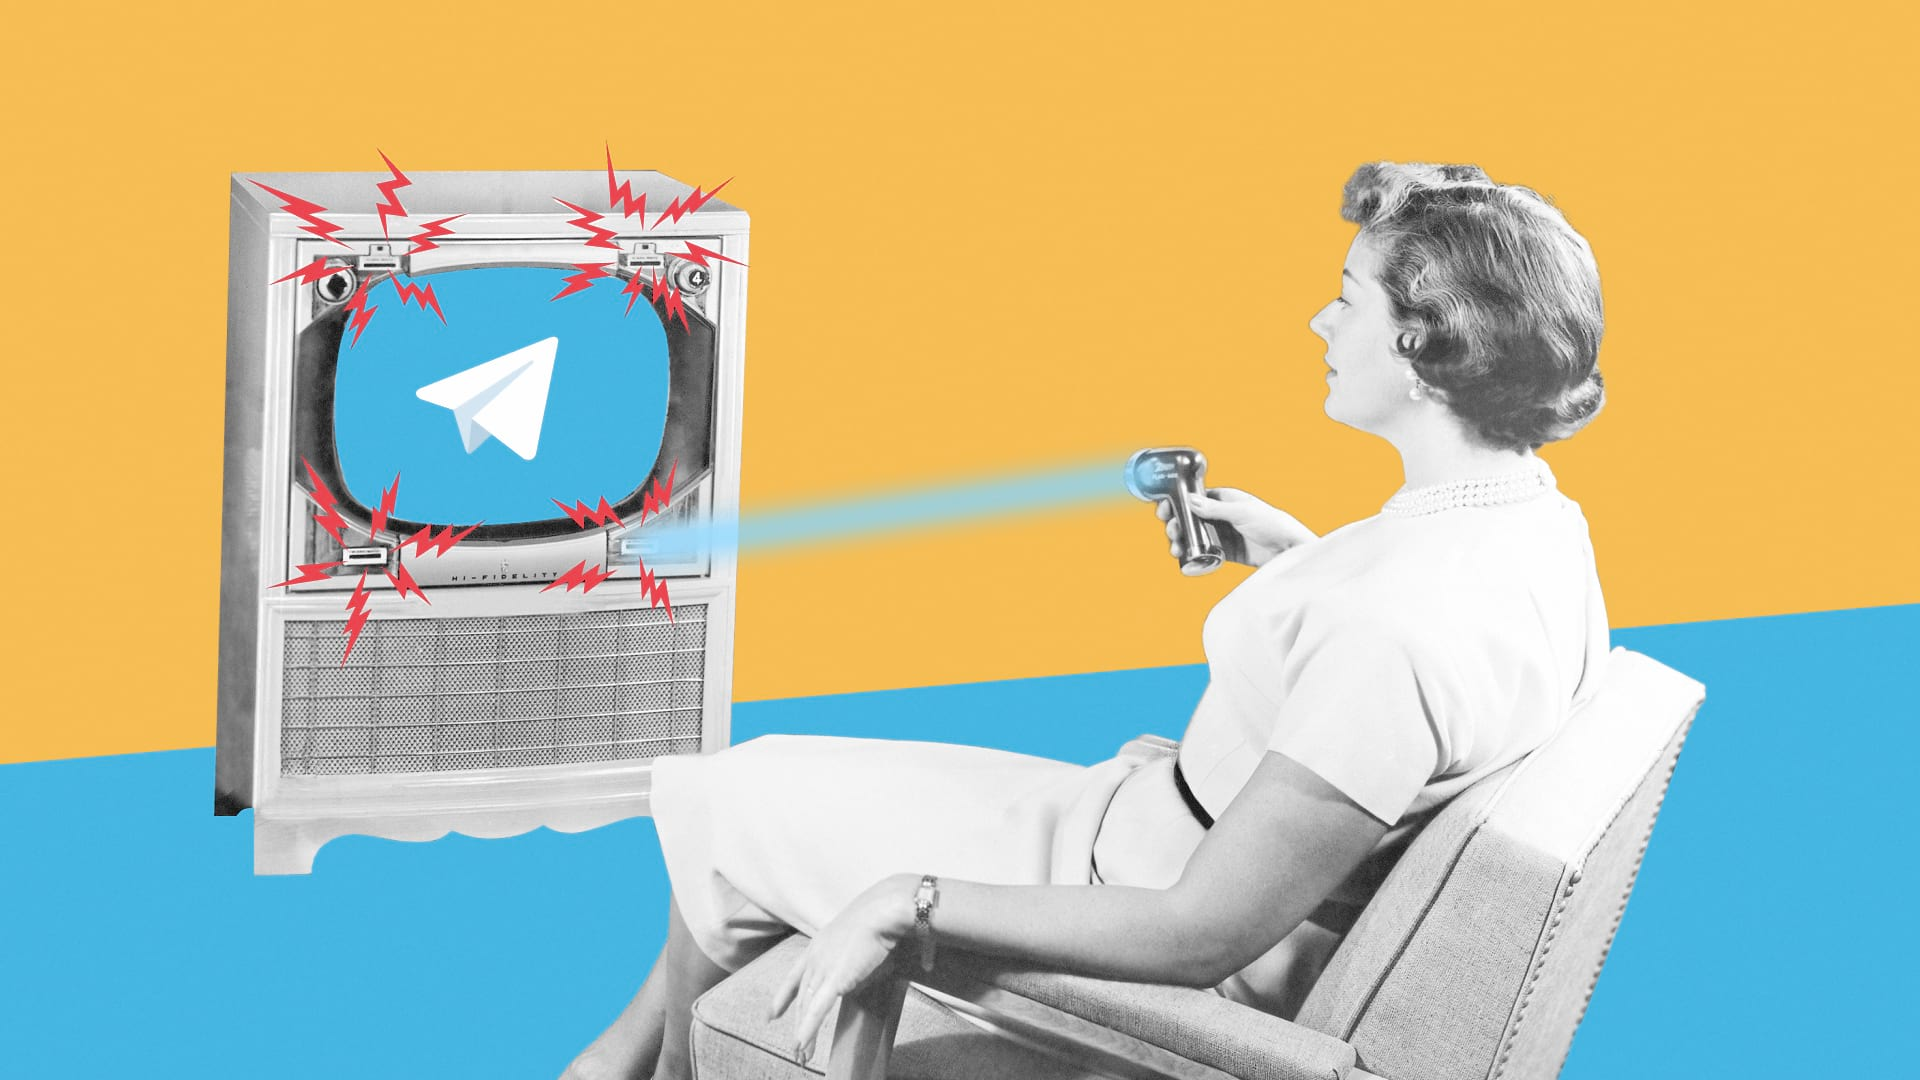 Трансляции в Телеграме: как включить видеочат и настроить стриминг